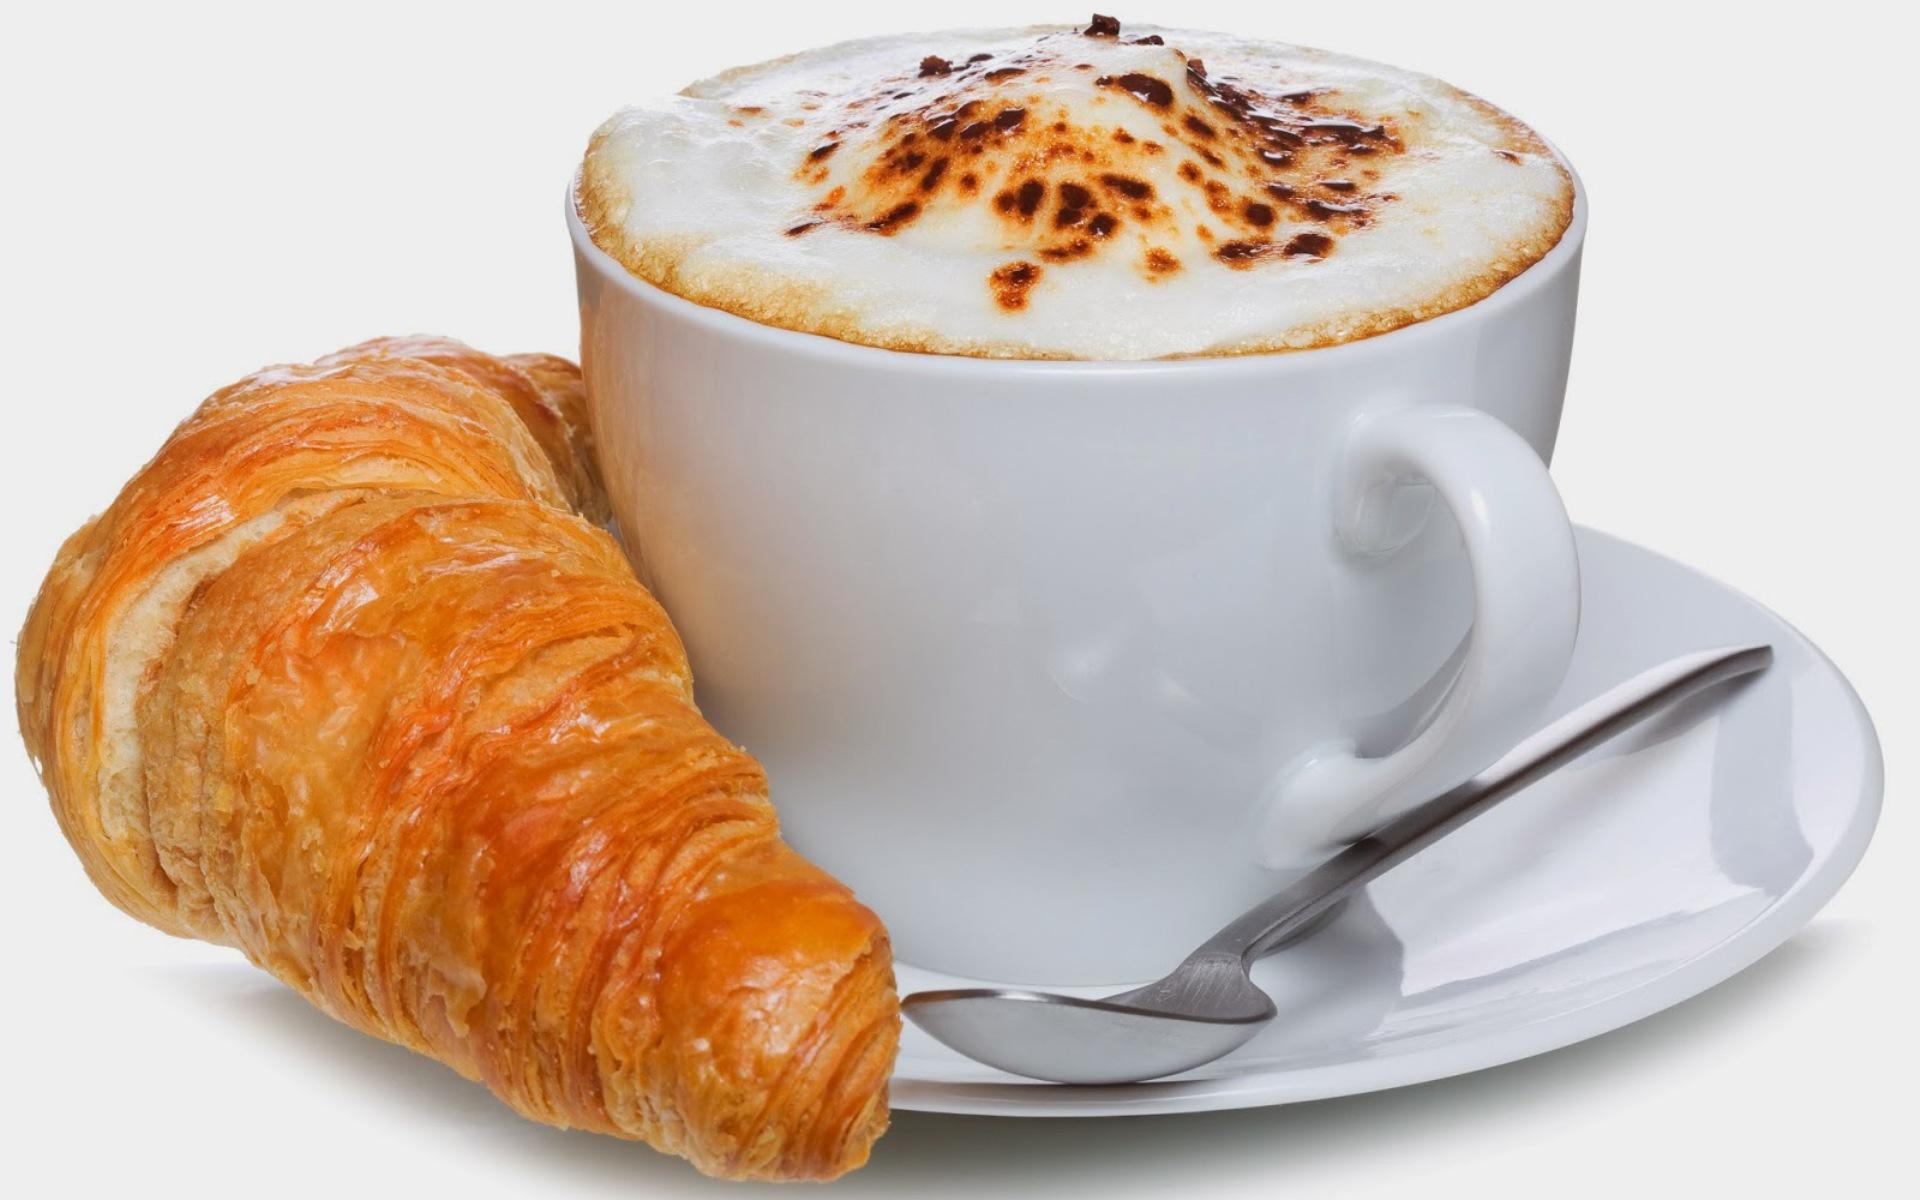 Чашка с кофе картинка